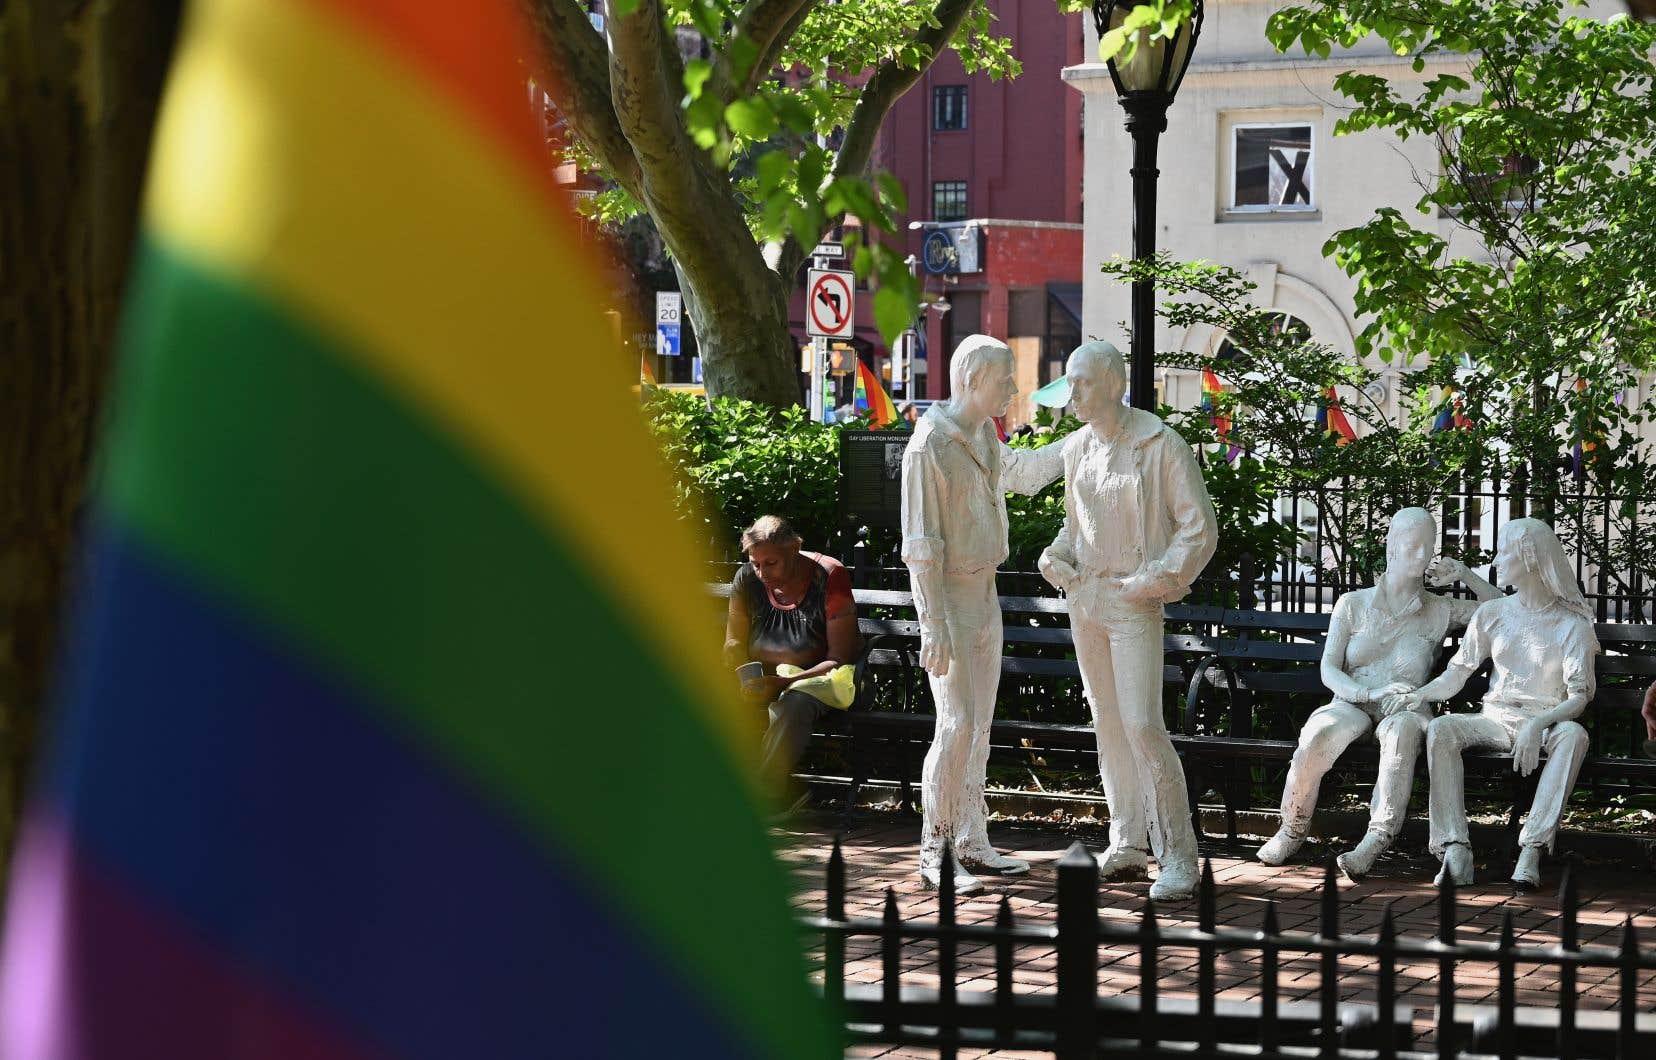 Désigné comme tel par Barack Obama le 24 juin 2016, le Stonewall National Monument est le premier monument américain consacré au mouvement LGBTQIA+.